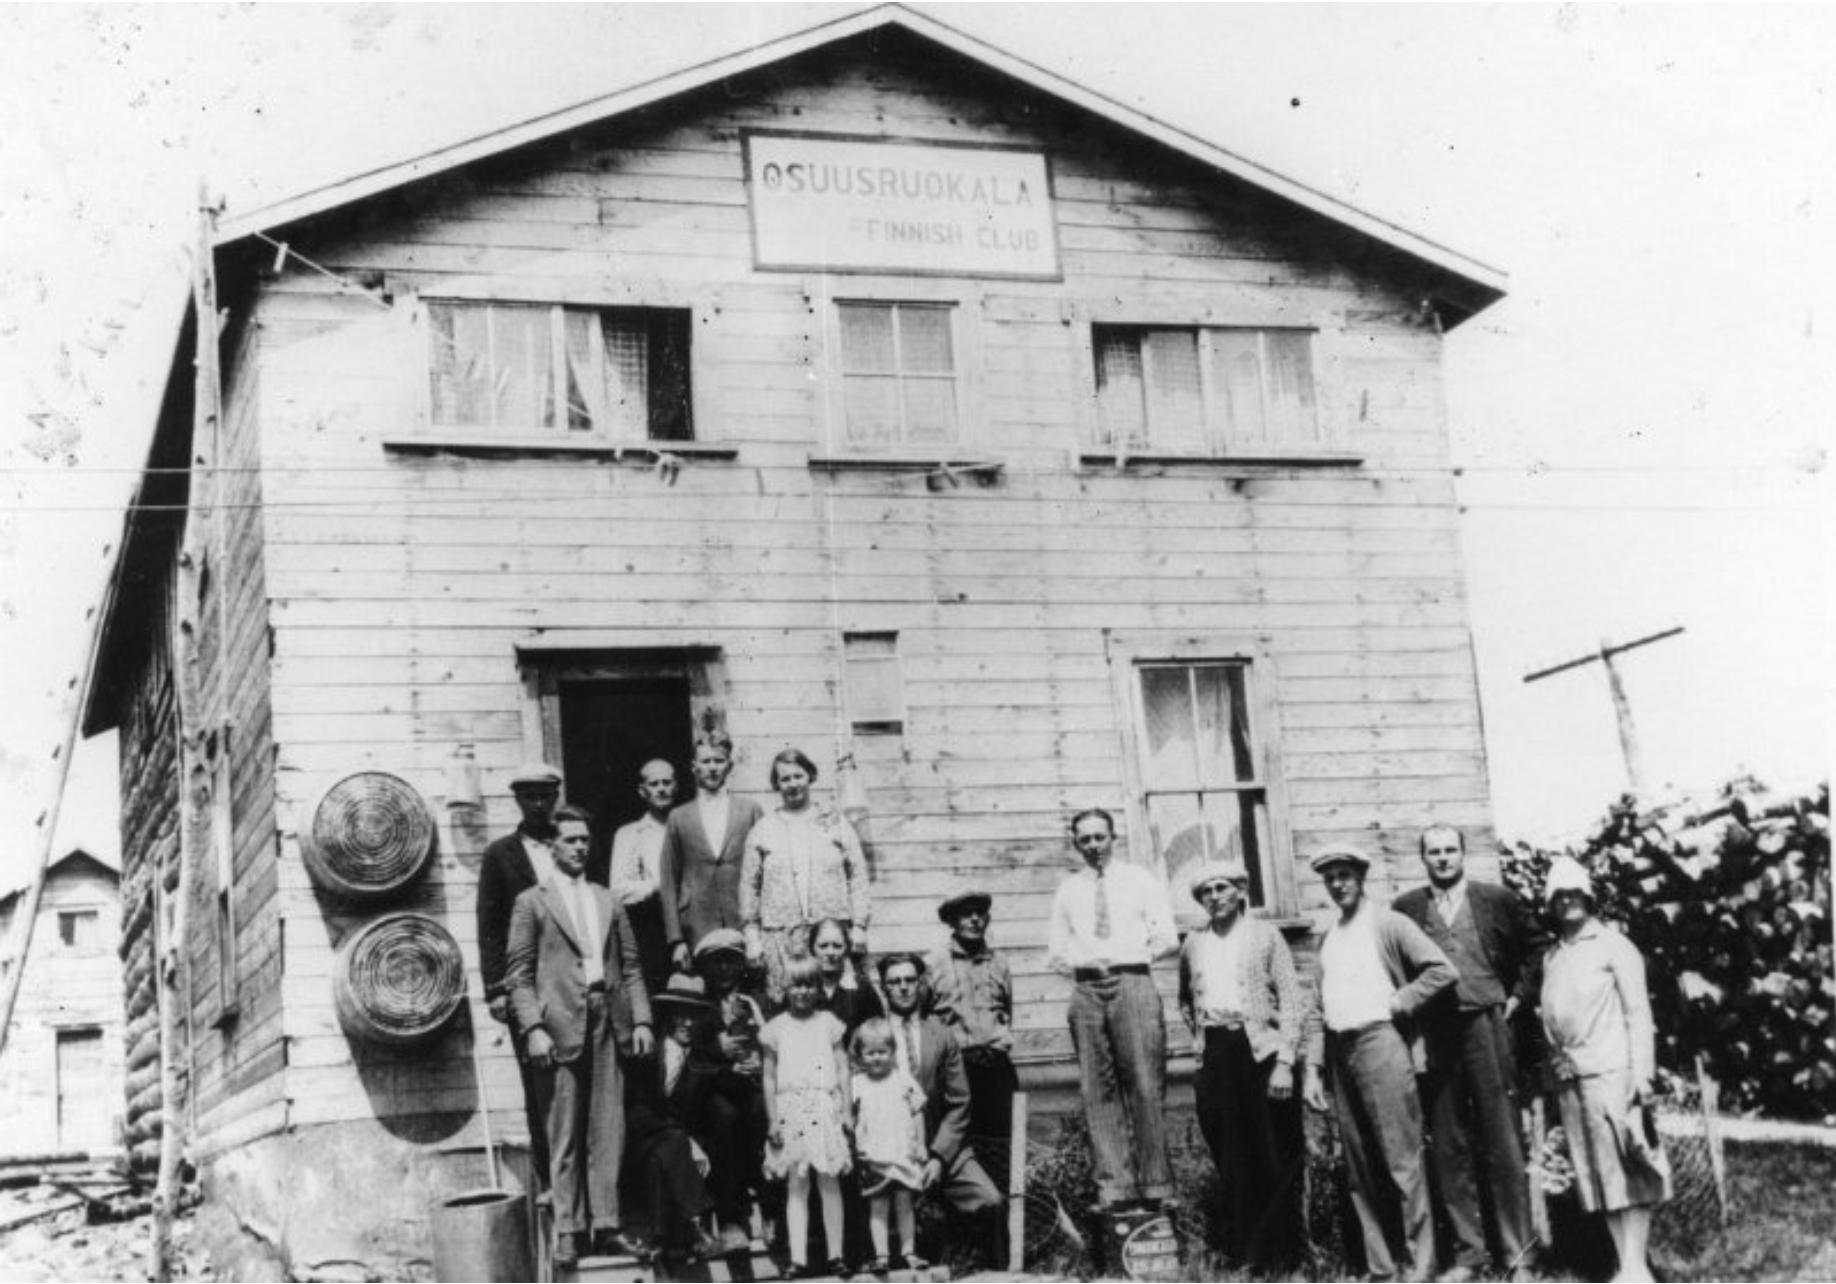 Des Finlandais à l'exterieur de leur coopérative cantine à Rouyn au Quebec en 1926